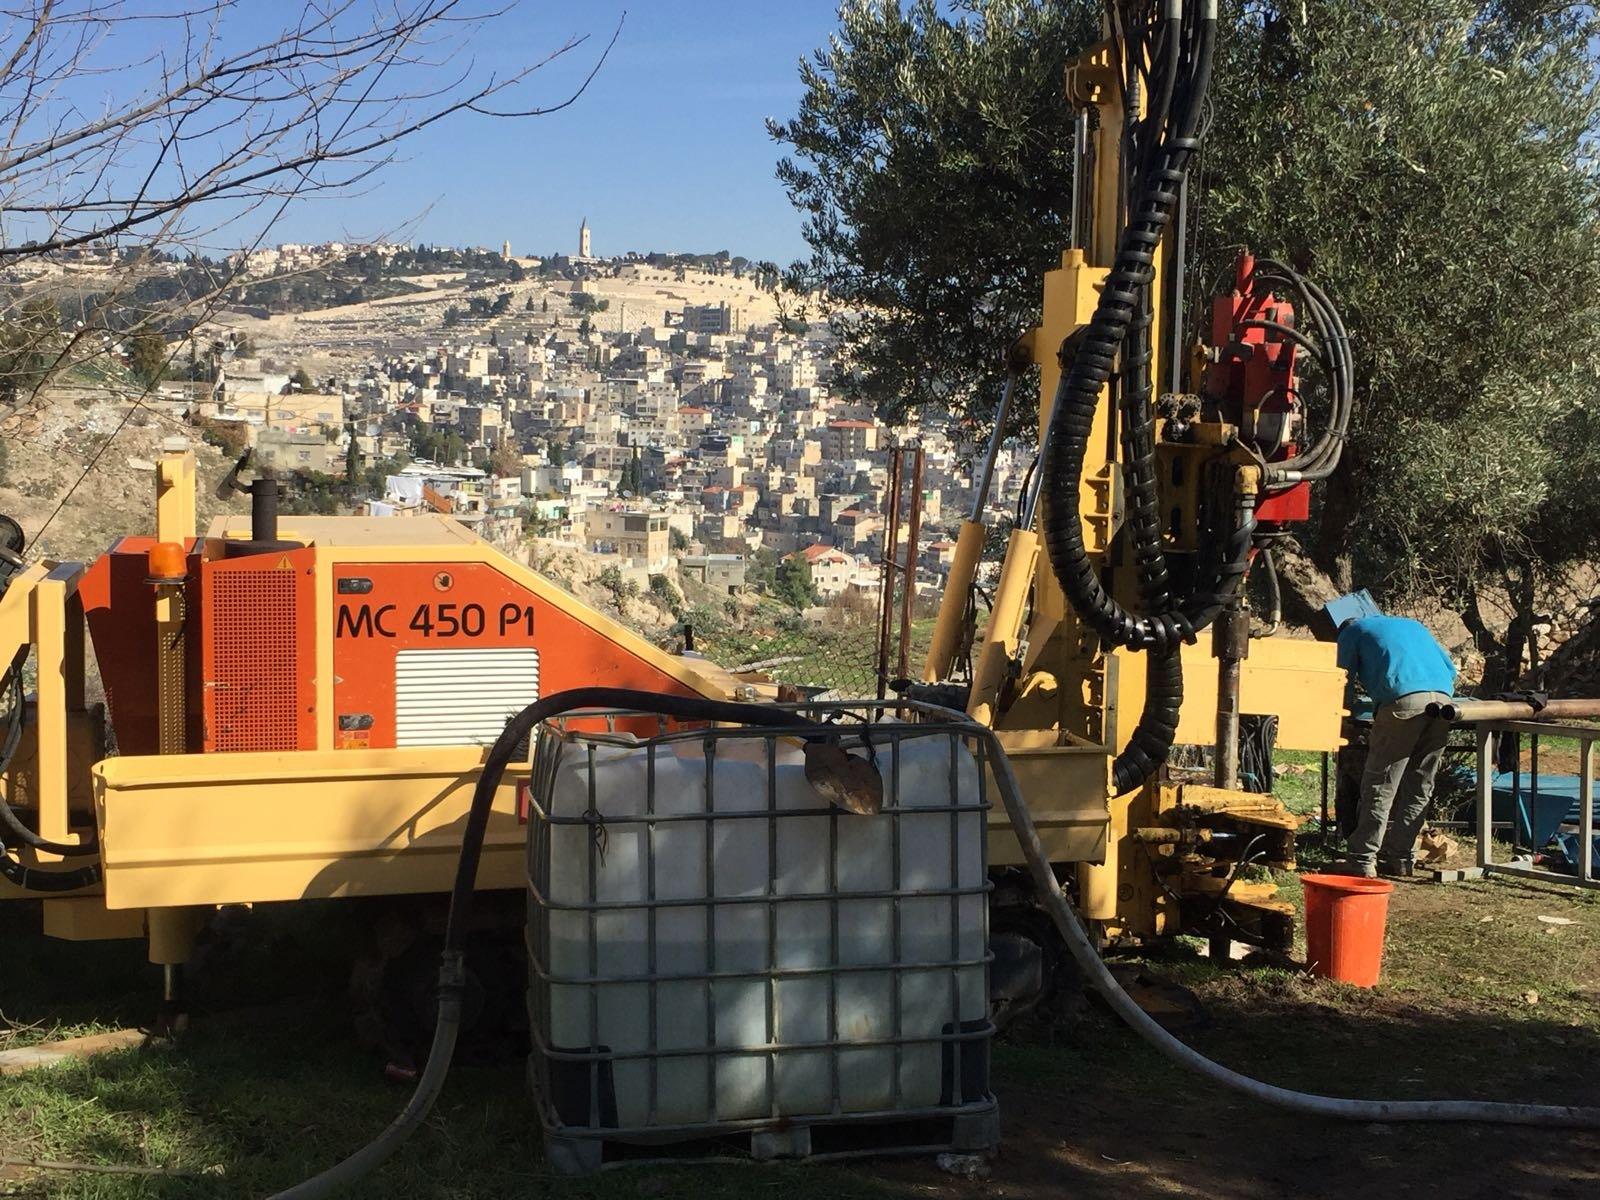 القدس:حفريات إسرائيلية في وادي الربابة لإقامة جسر سياحي للمشاة